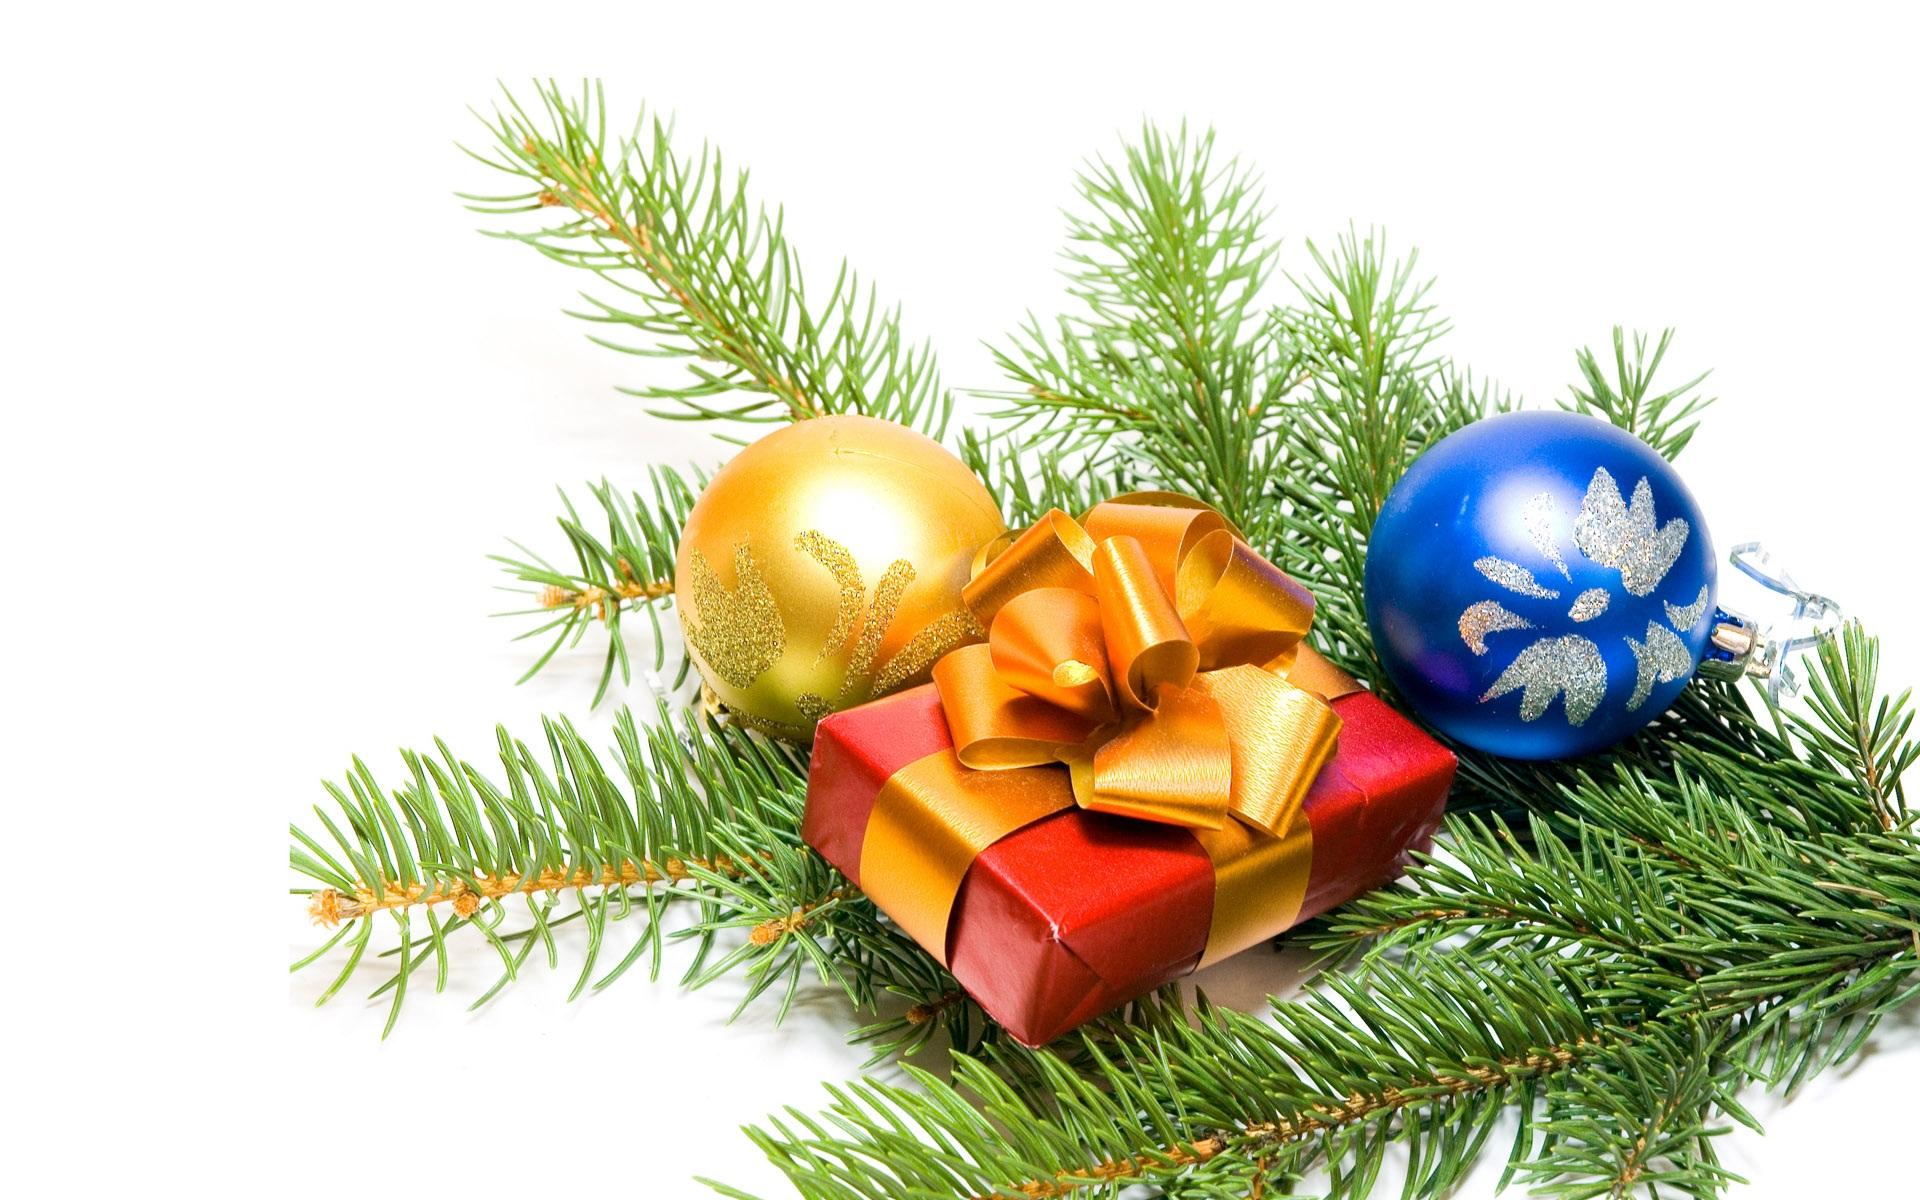 Adornos de Navidad y regalos Fondos de pantalla - 1920x1200